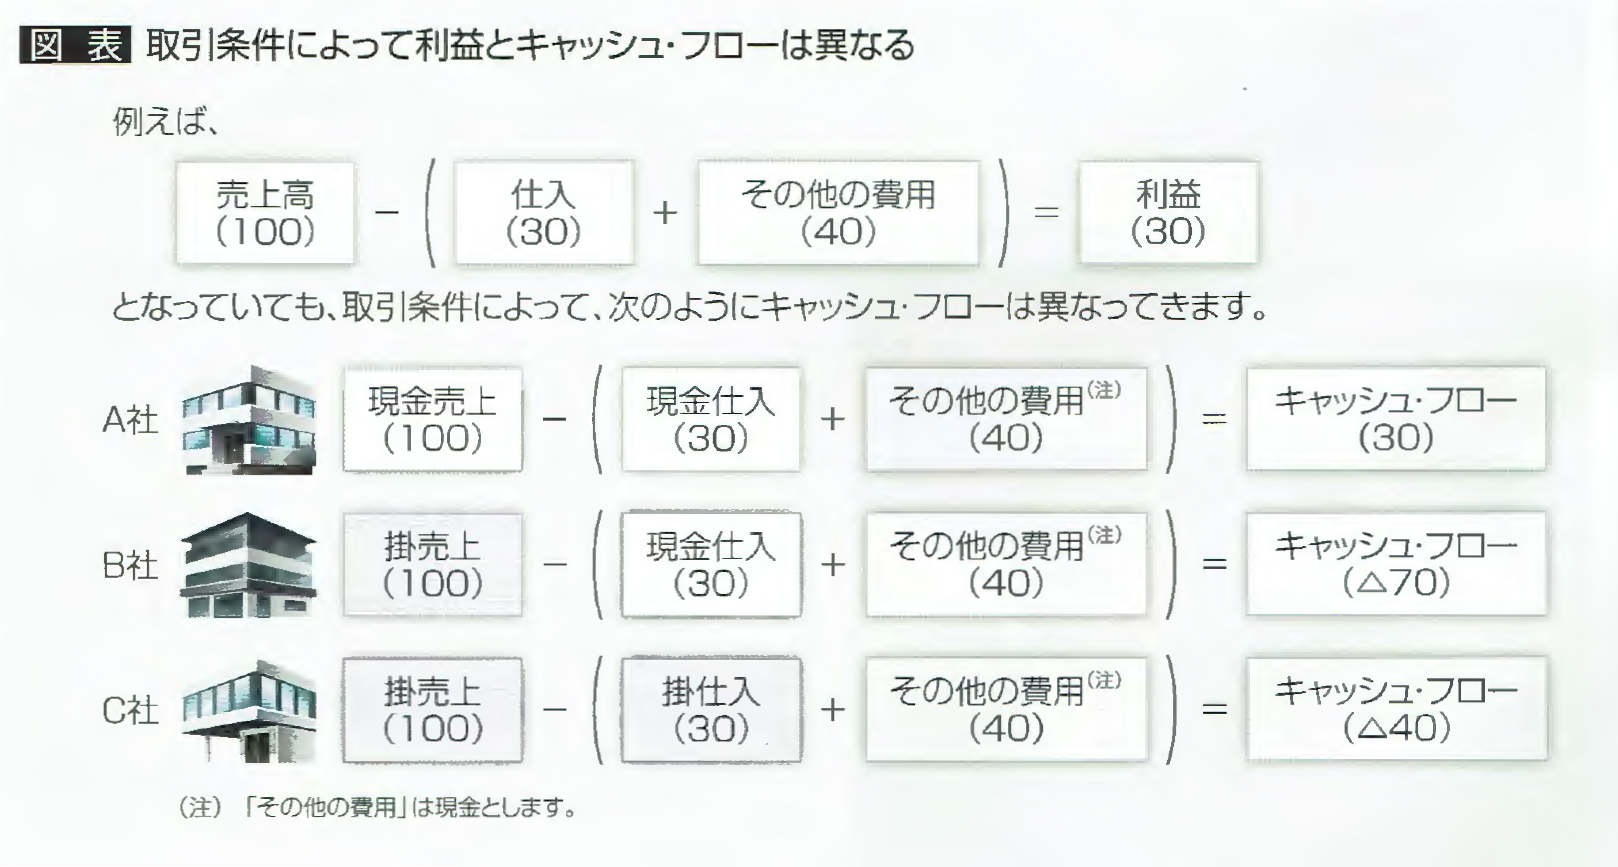 miyake201901-2-3.jpg